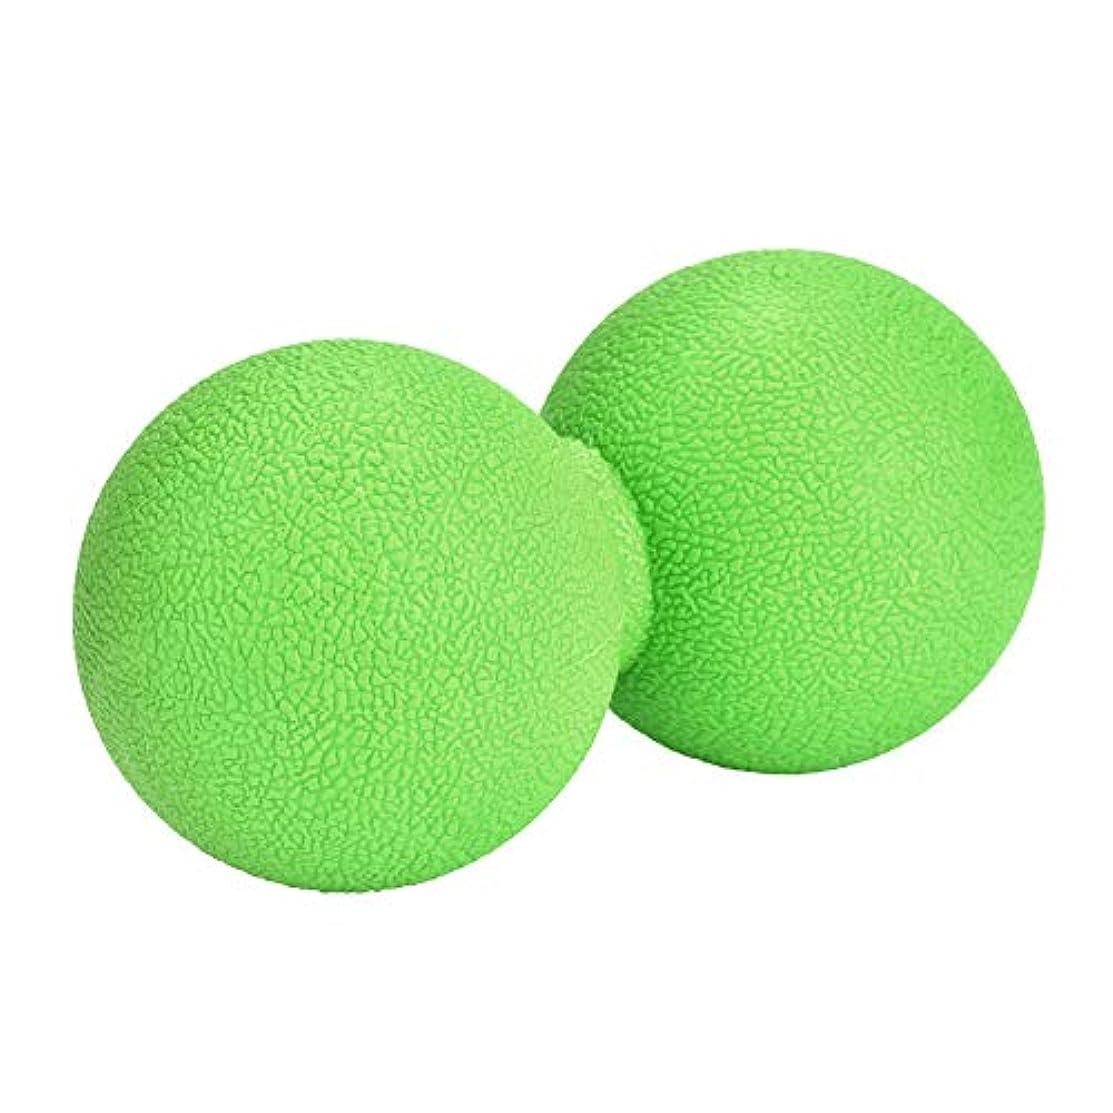 恐怖安息攻撃的マッサージボール ストレッチボール ピーナッツ型 ヨガボール 首 背中 肩こり 腰 ふくらはぎ 足裏 筋膜リリース トレーニング